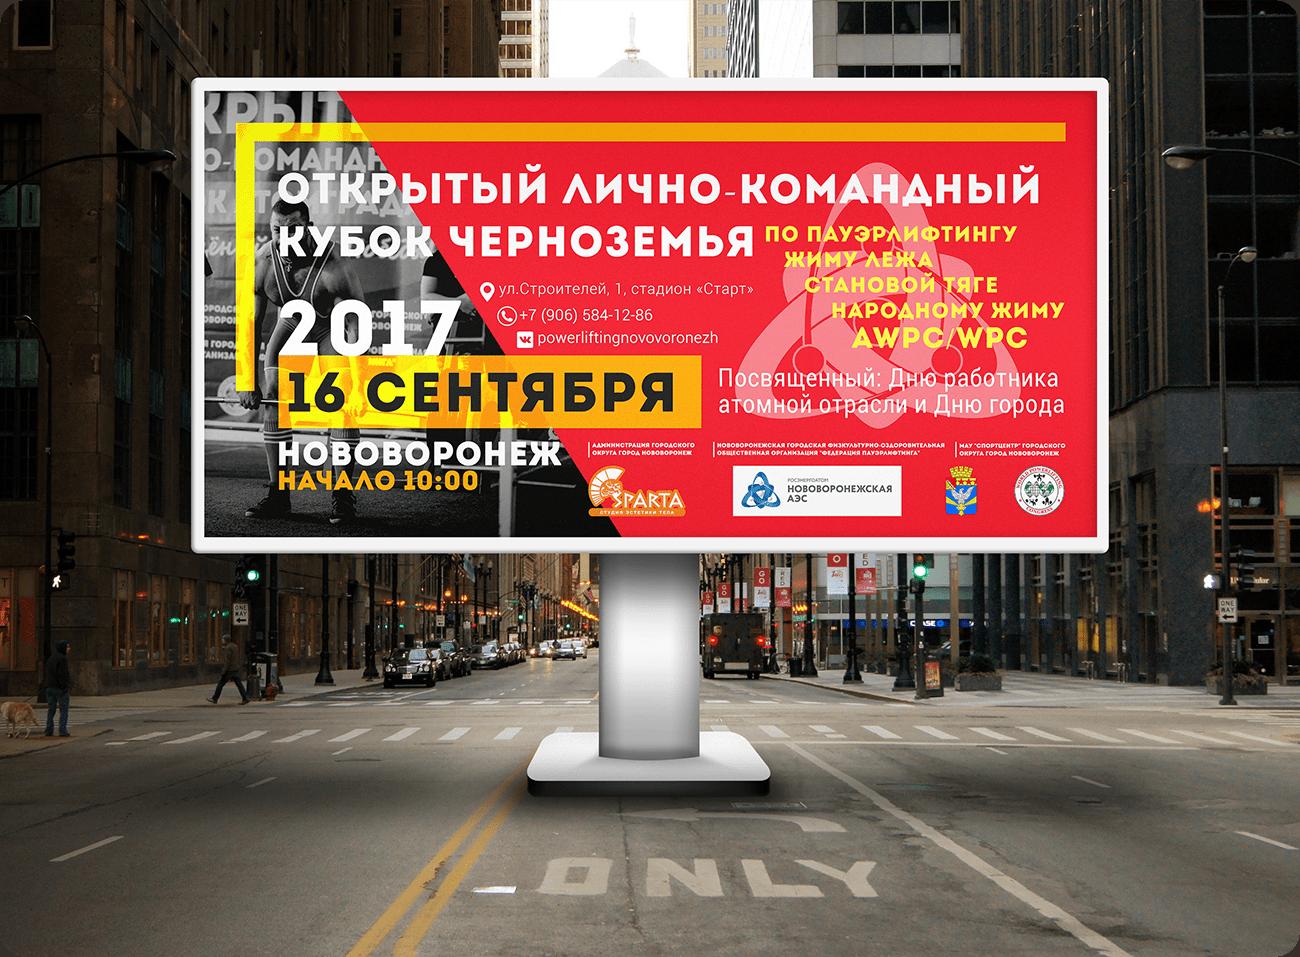 Билборд 3×6 соревнований в Нововоронеже, в честь юбилея города и Дня работника атомной отрасли